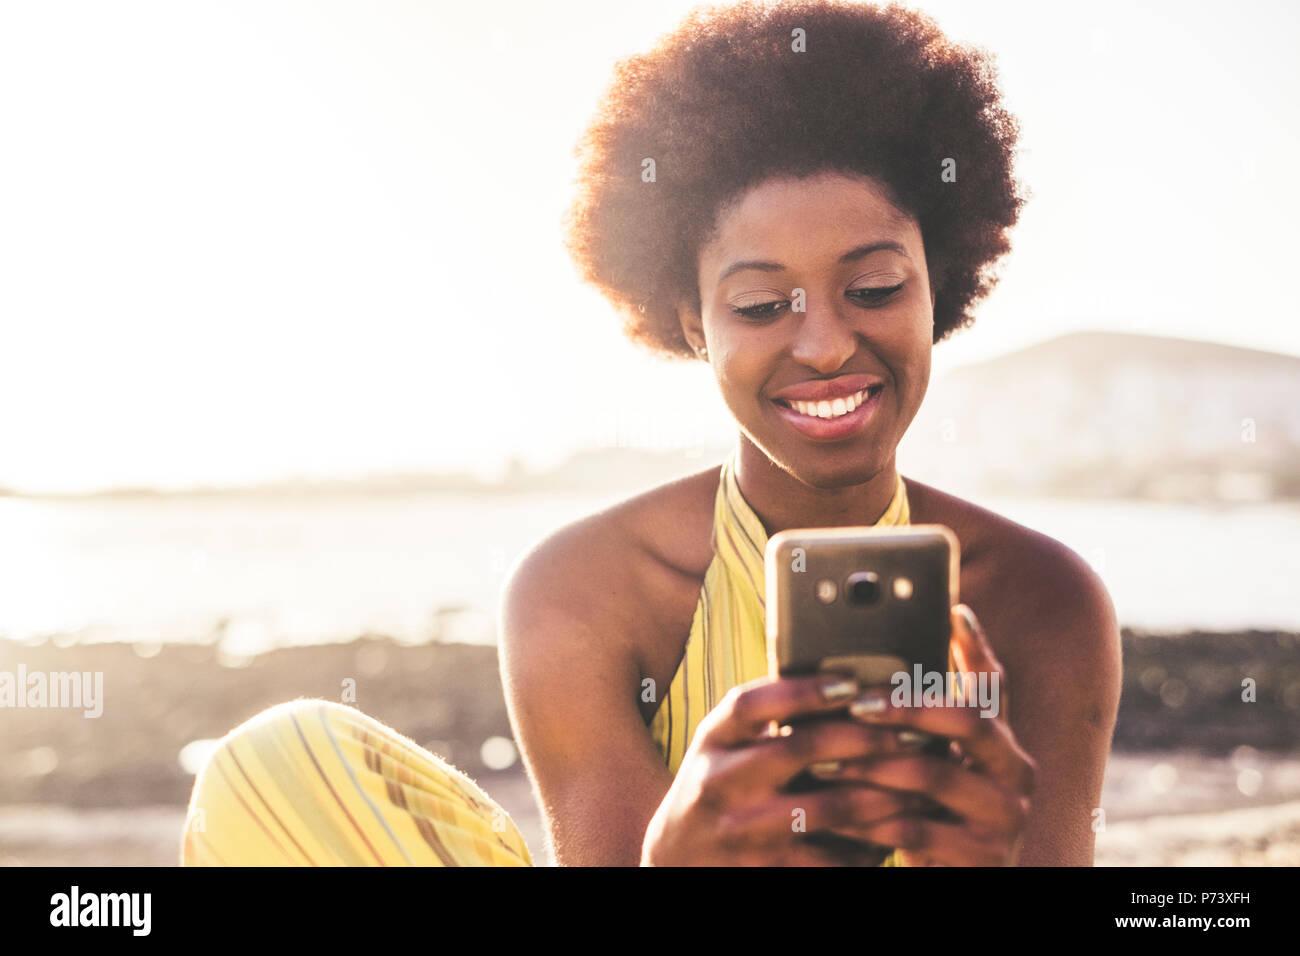 Hermosa chica joven modelo negro cabello africano rac utiliza tecnología de telefonía móvil para escribir amigos durante las vacaciones. Ocean y retroiluminación en el fondo, o Imagen De Stock